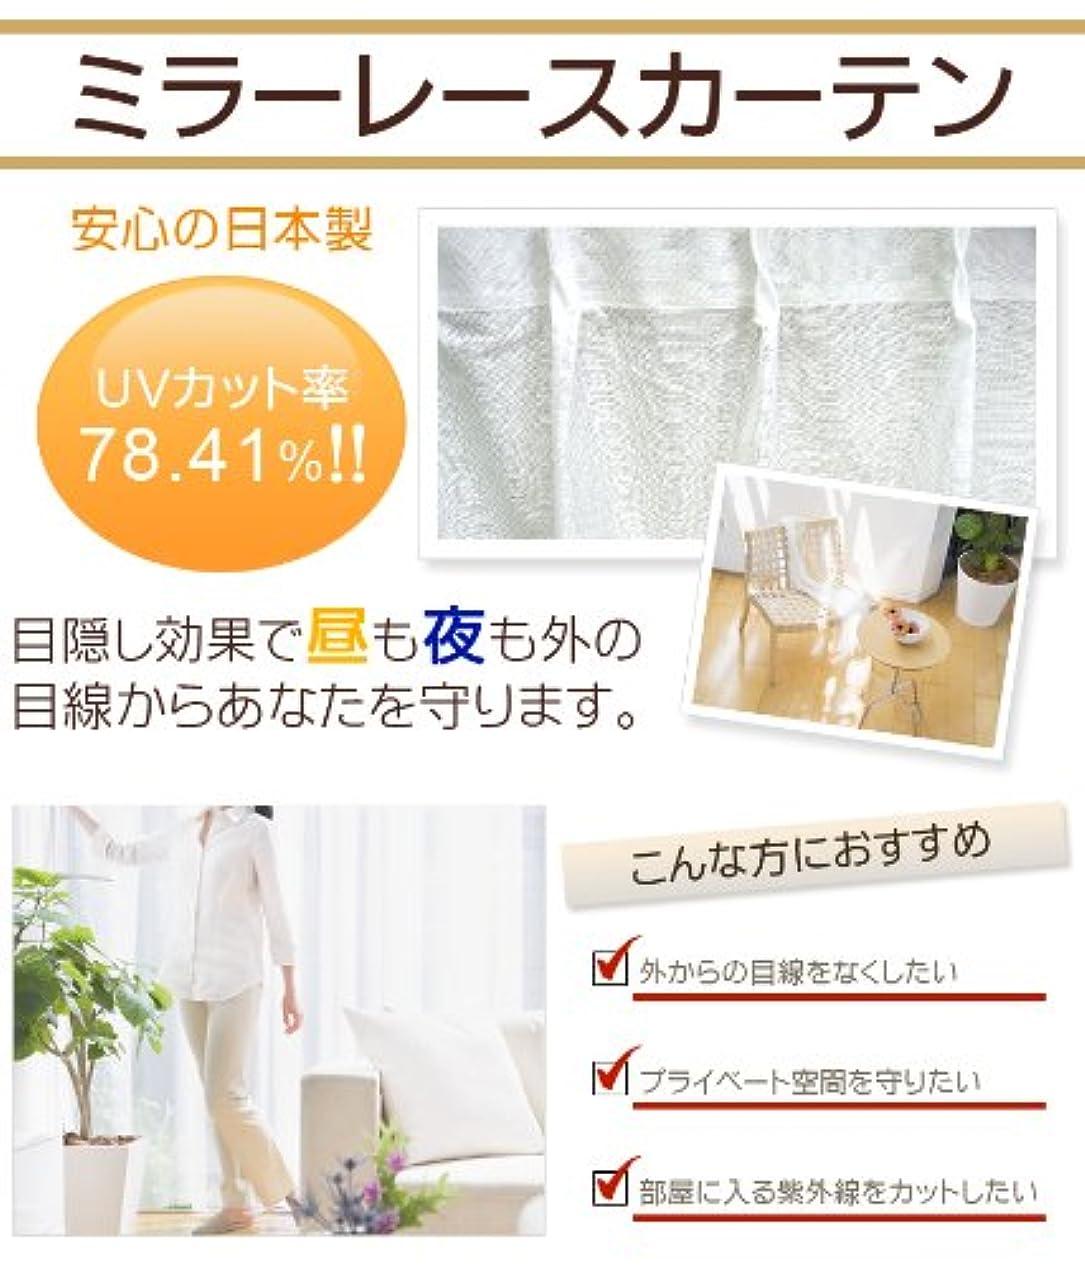 交流する論争的勉強するカーテン レース UVカット78% ミラーレースカーテン 巾100cm×丈108cm2枚 fujire100-108